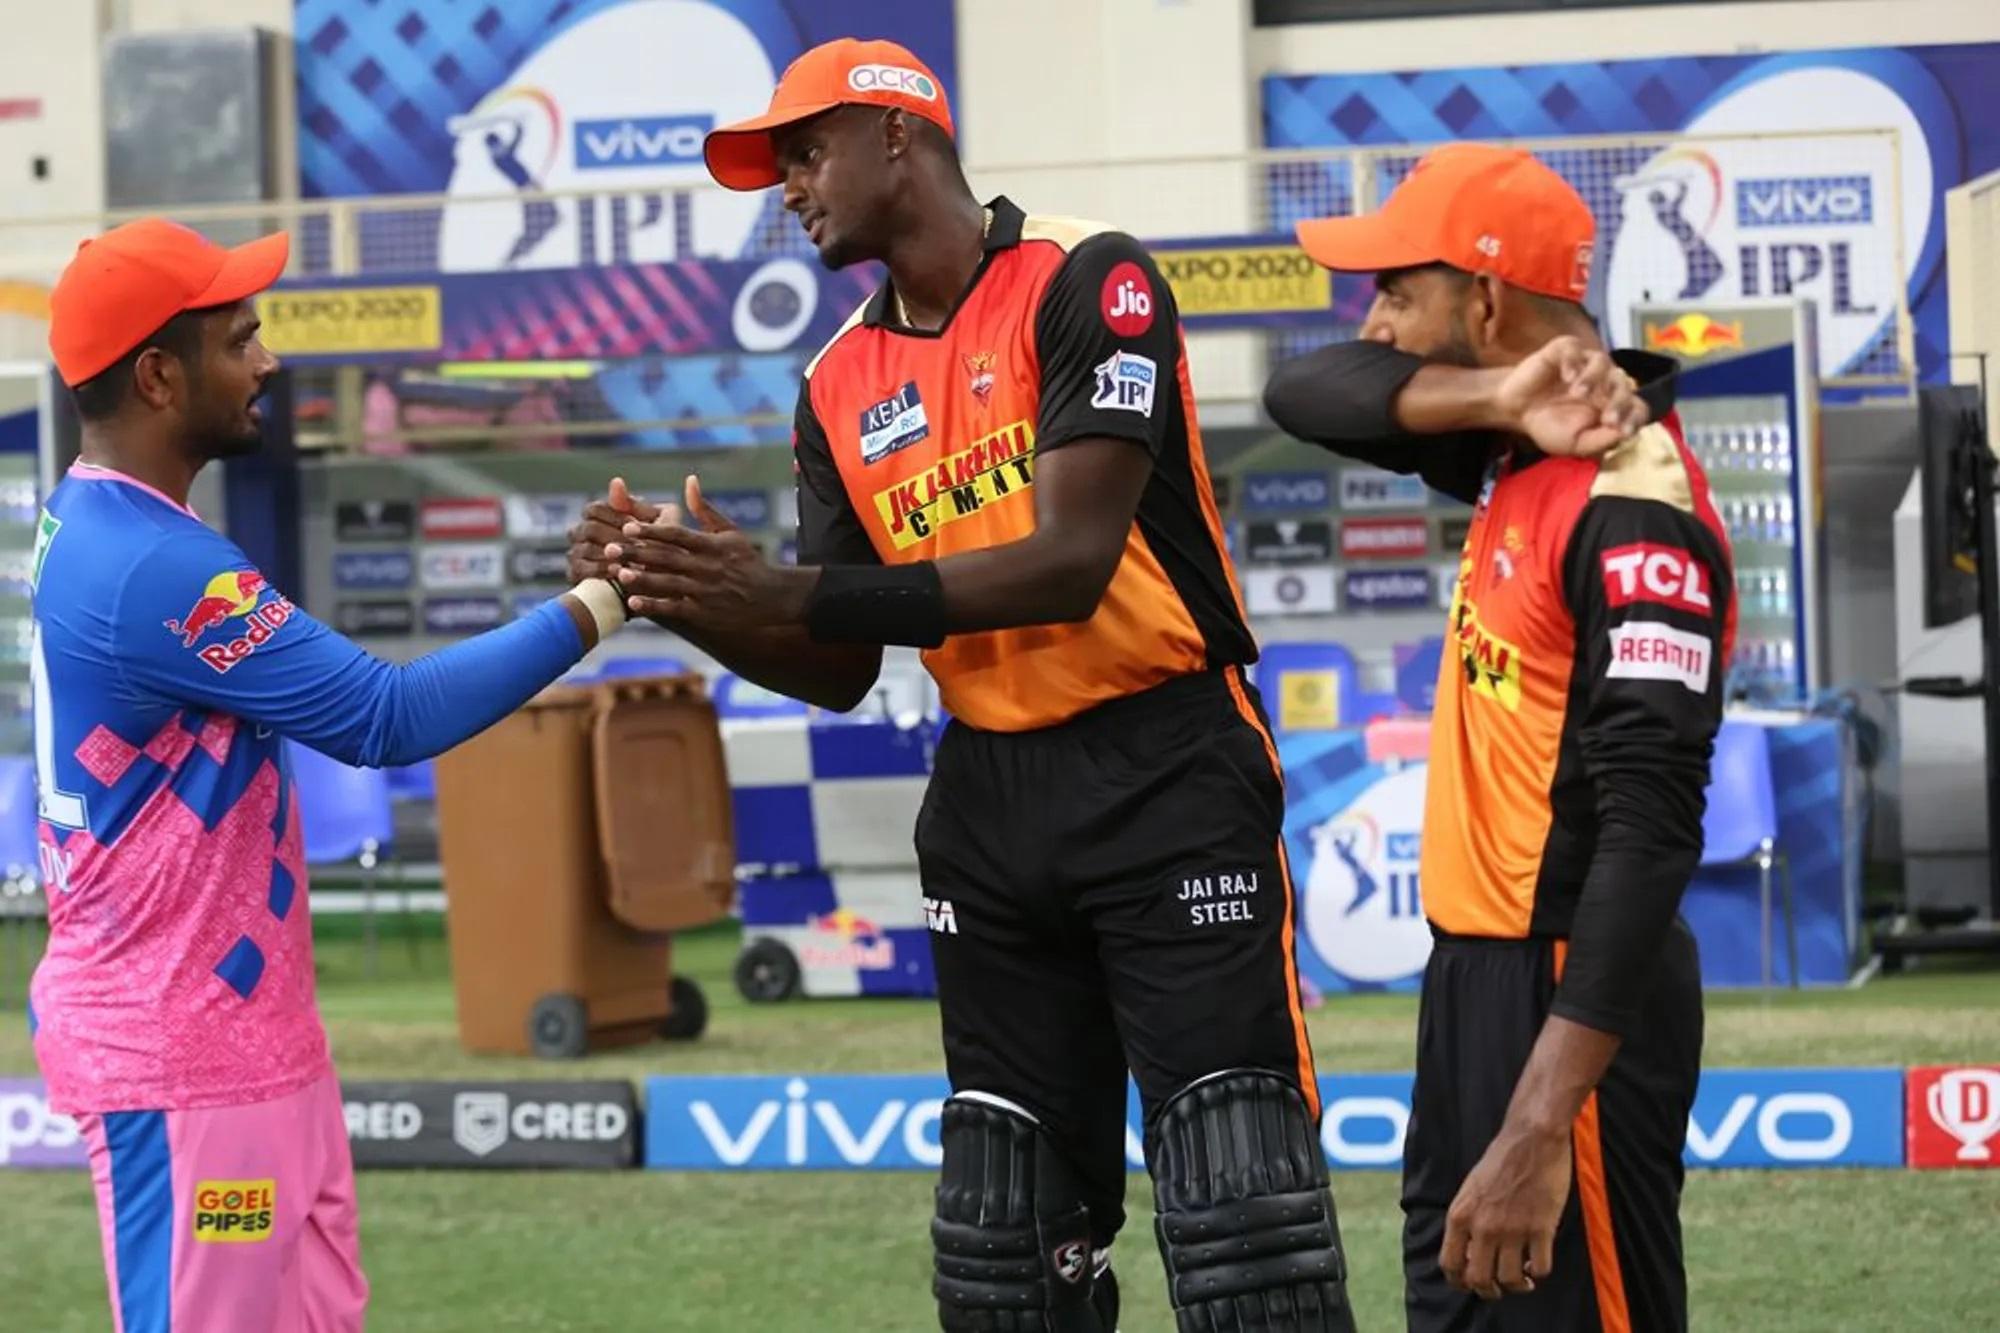 ये तस्वीर भी एकदम वही कहानी बयां करती है। हार के बाद सैमसन जब पवेलियन लौट रहे थे तो होल्डर उन्हें रास्ते में रोकर सहानुभूति देने लगे। असल में संजू ने वाकई जबर्दस्त पारी खेली थी। लेकिन उनकी टीम हार गई। फिर राजस्थान के लिए यह मैच जीतना बहुत जरूरी था। एक जीत से वे पॉइंट टेबल में सीधे चौथे स्थान पर पहुंच जाती, लेकिन फिलहाल 6वें स्थान पर खिसक गई है।